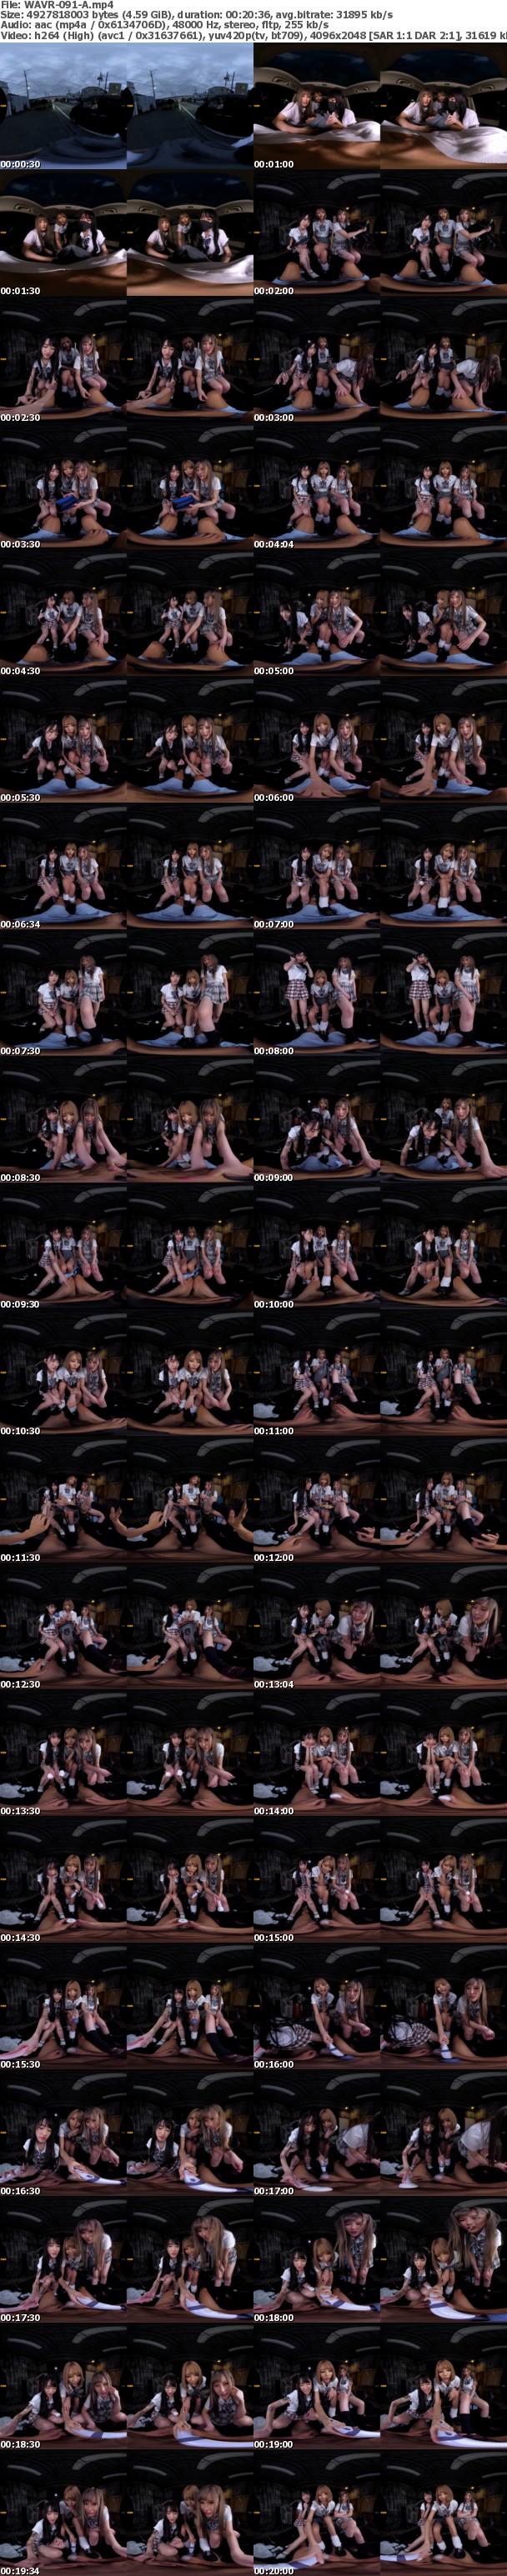 (VR) WAVR-091 タトゥー制服痴女VR 制服ギャル3人組に拉致られ腹パン!顔面とムスコを足蹴にされながら強●オナニー! ディスられ完全に'モノ'扱いされるハーレム逆レ●プ!